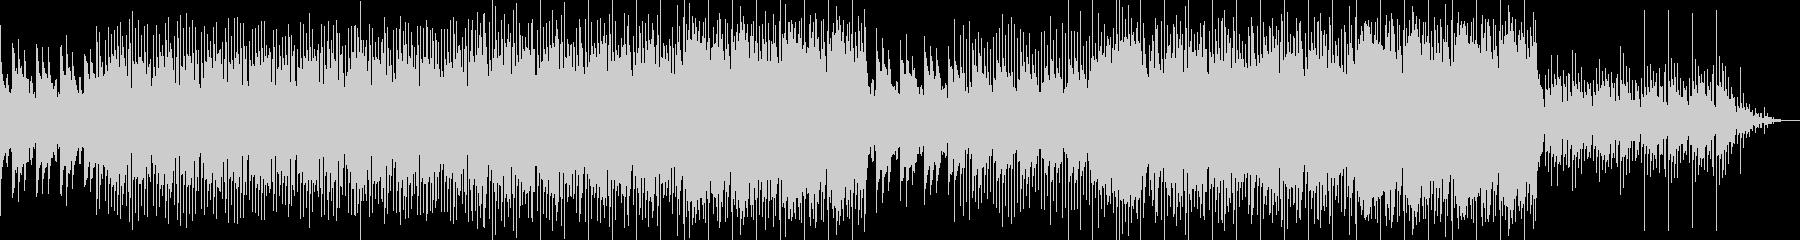 ギター Lo-Fi リバースの未再生の波形